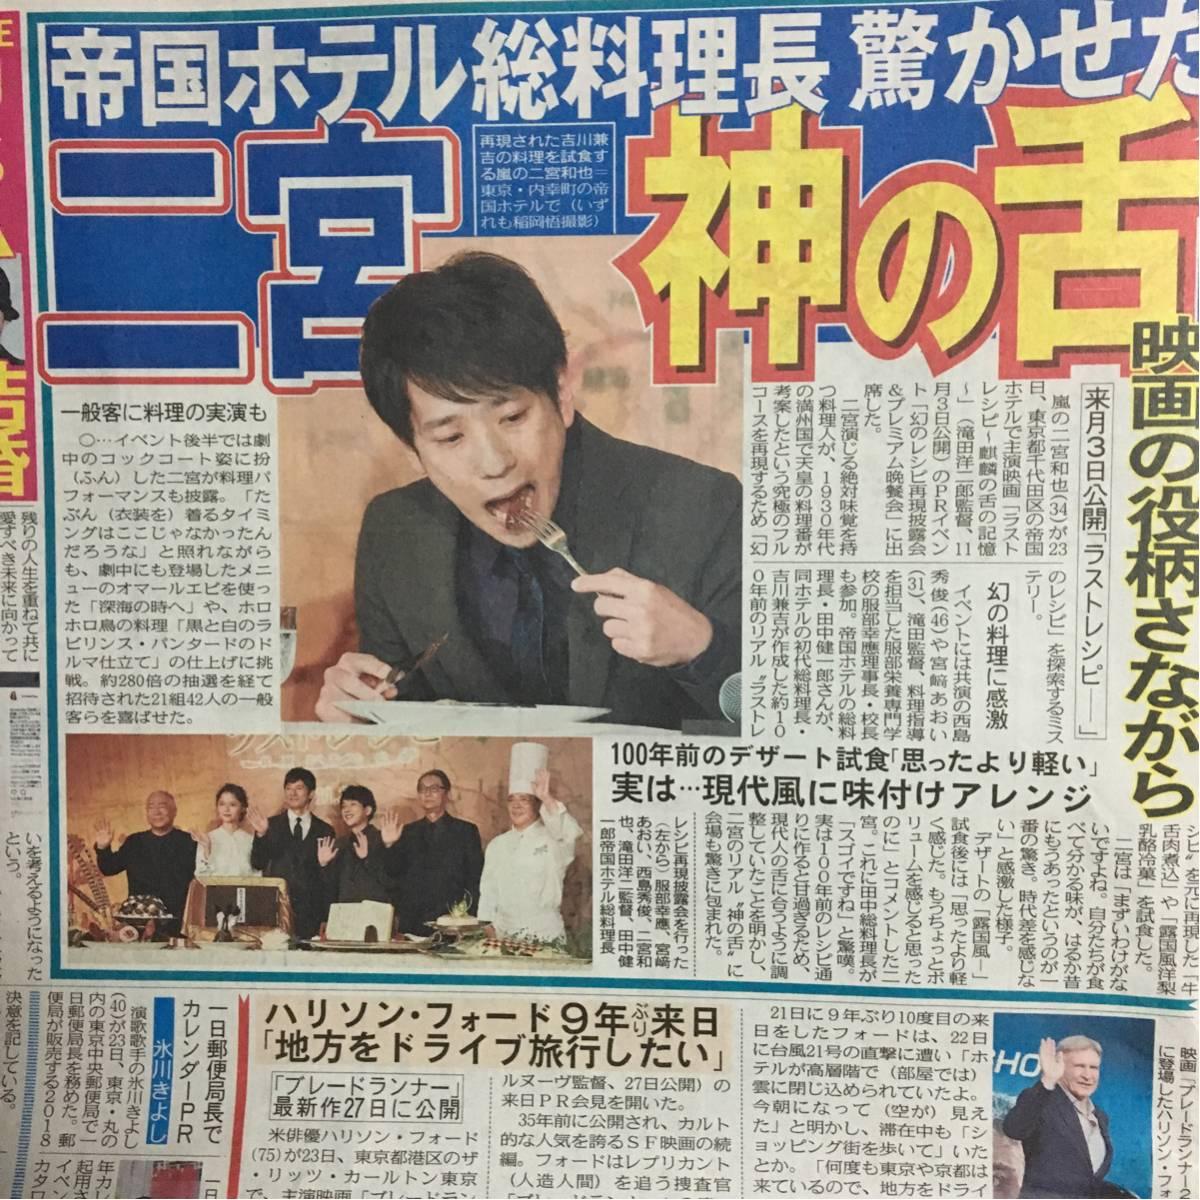 嵐 二宮和也 「ラストレシピ~麒麟の舌の記憶~」晩餐会 新聞切り抜き